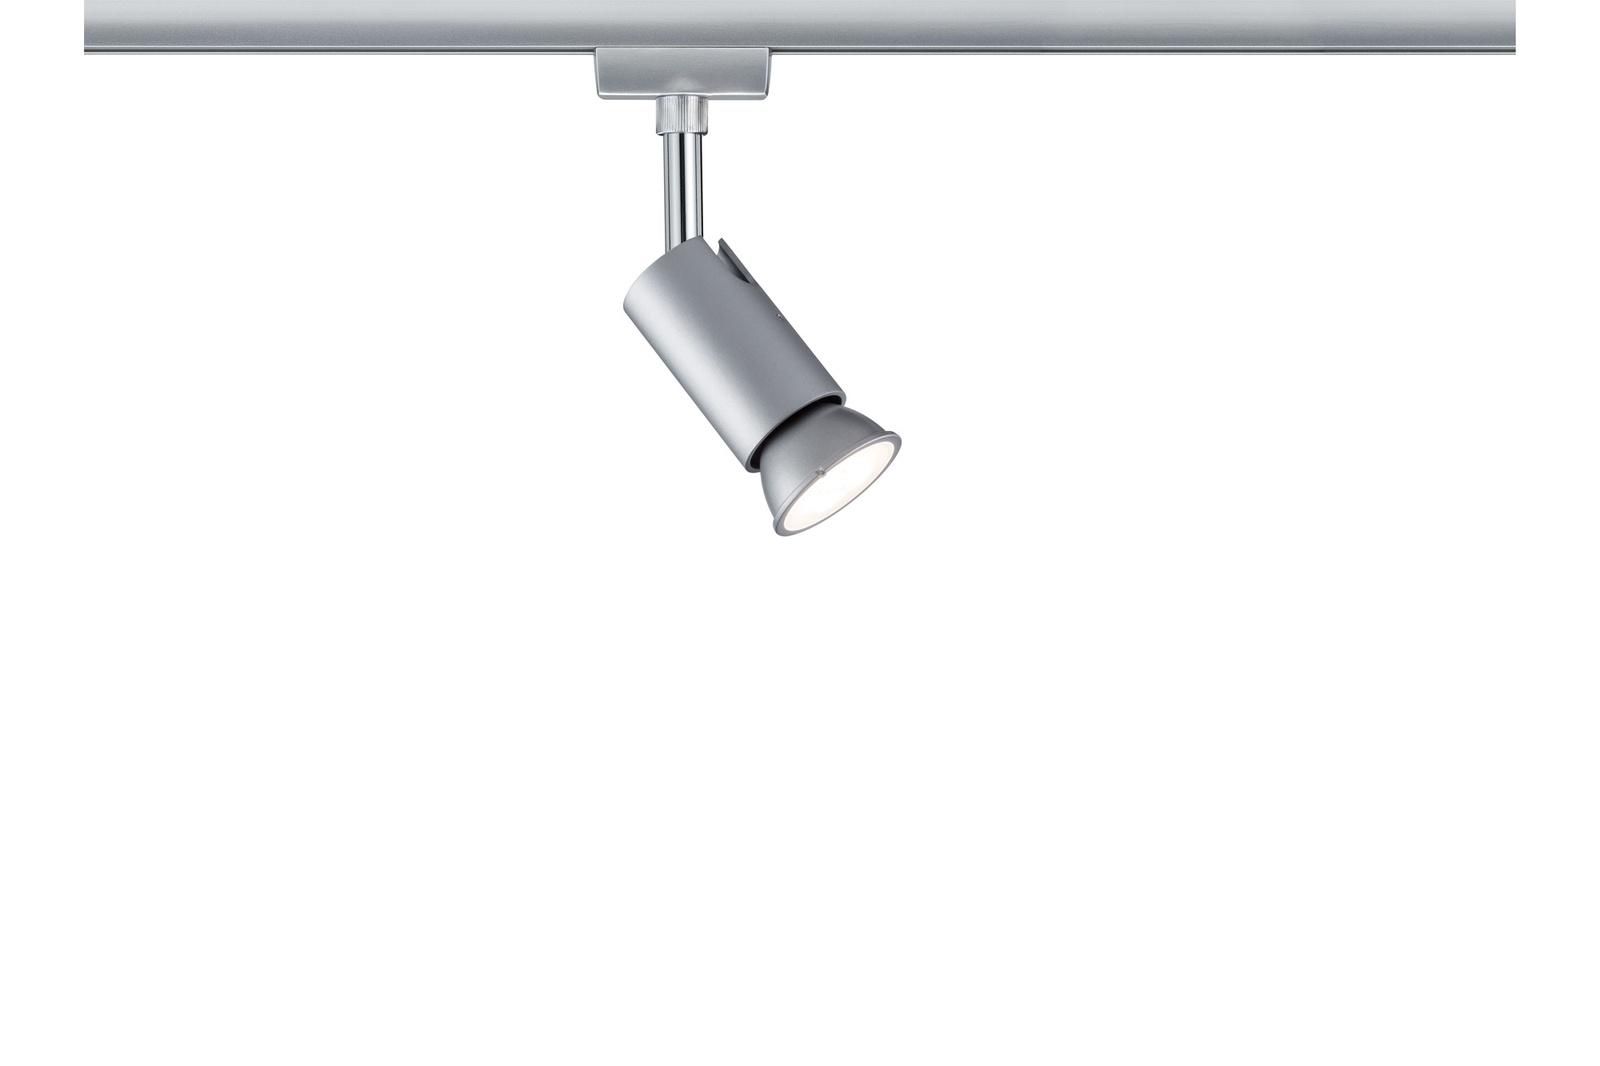 Светильник для трековой системы URail Spot Pure I max 1x10W GU10, хром матовый